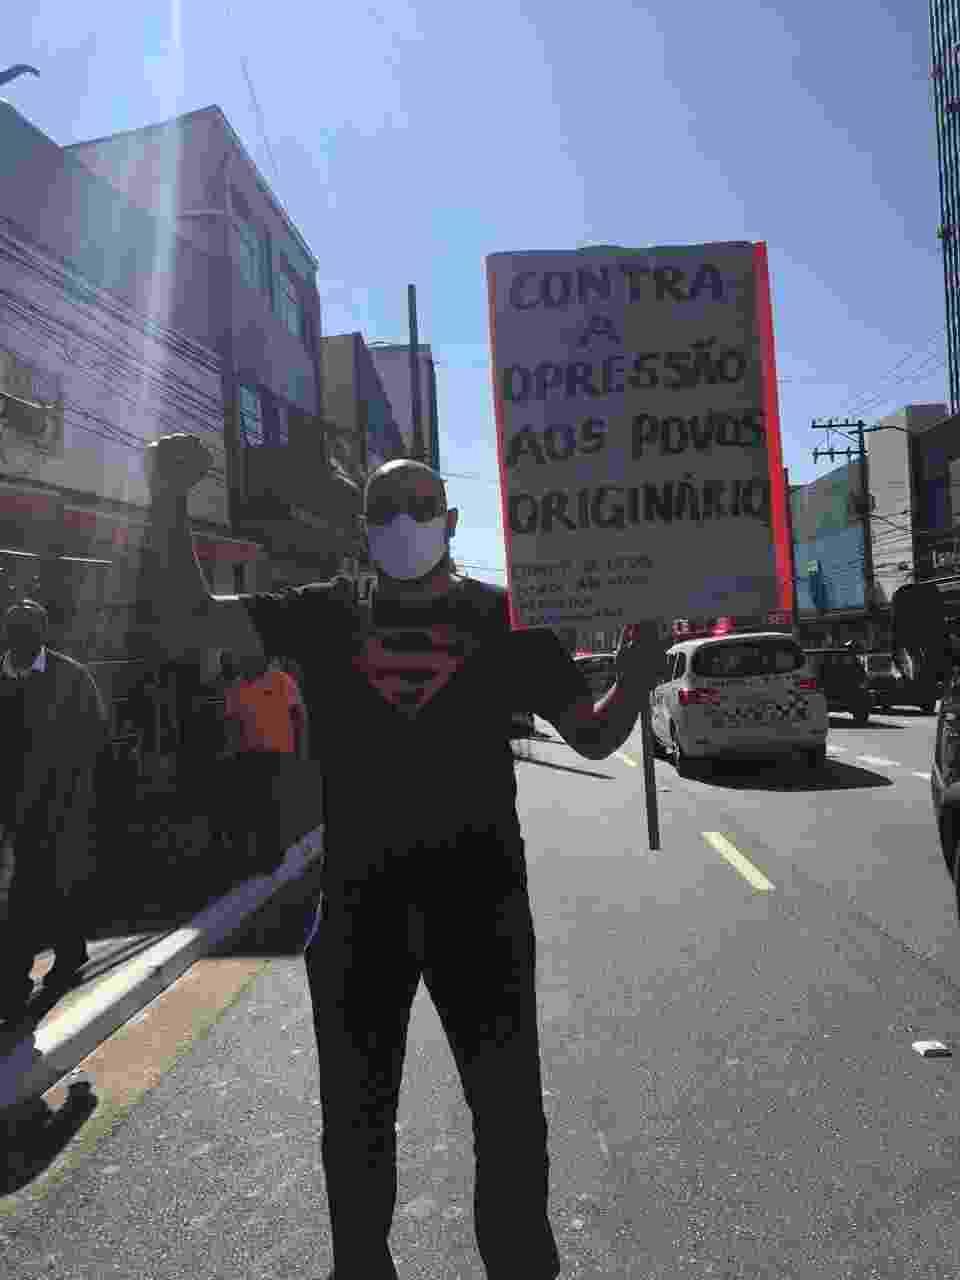 04/07/2020 - Manifestantes protestam contra o racismo e o governo Bolsonaro na zona sul de São Paulo - Luís Adorno/UOL